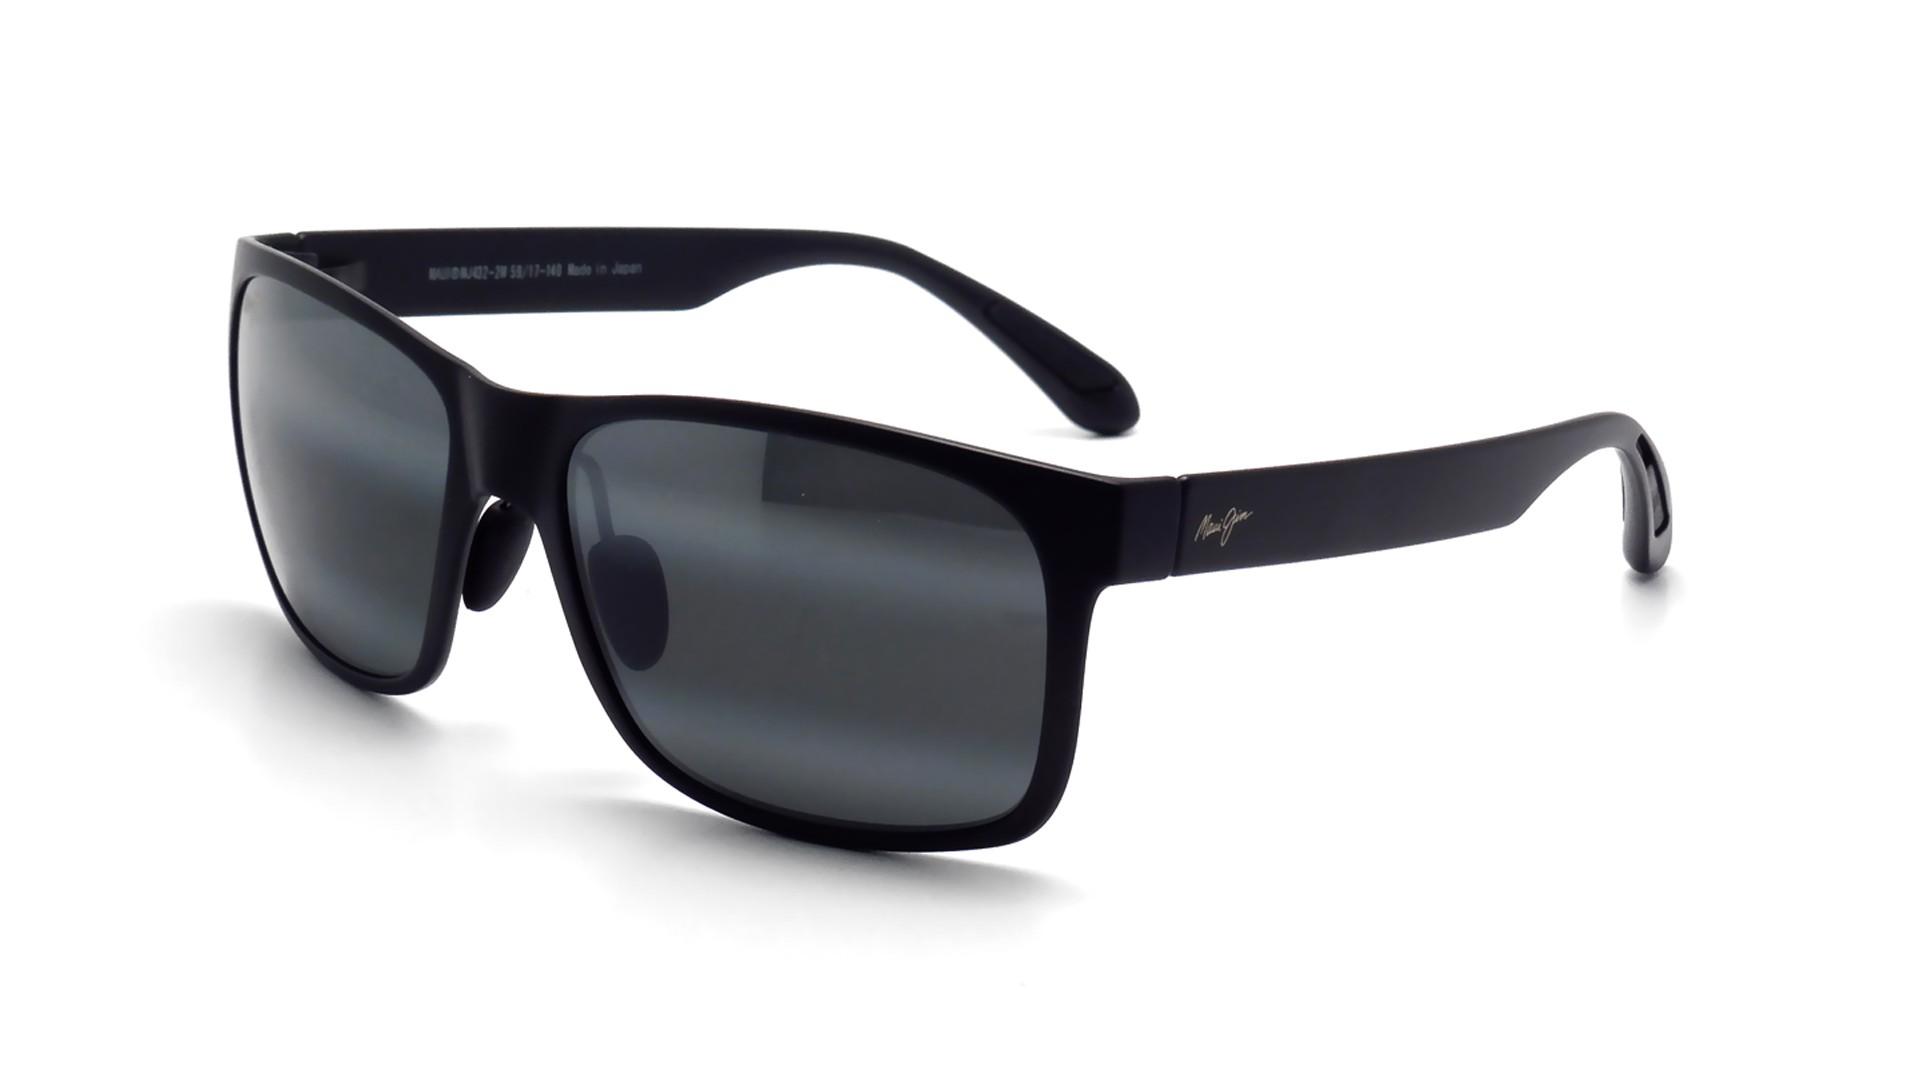 75418e784c Sunglasses Maui Jim Red Sands Black Matte Neutral Grey 432 2M 59-17 Large  Polarized Gradient